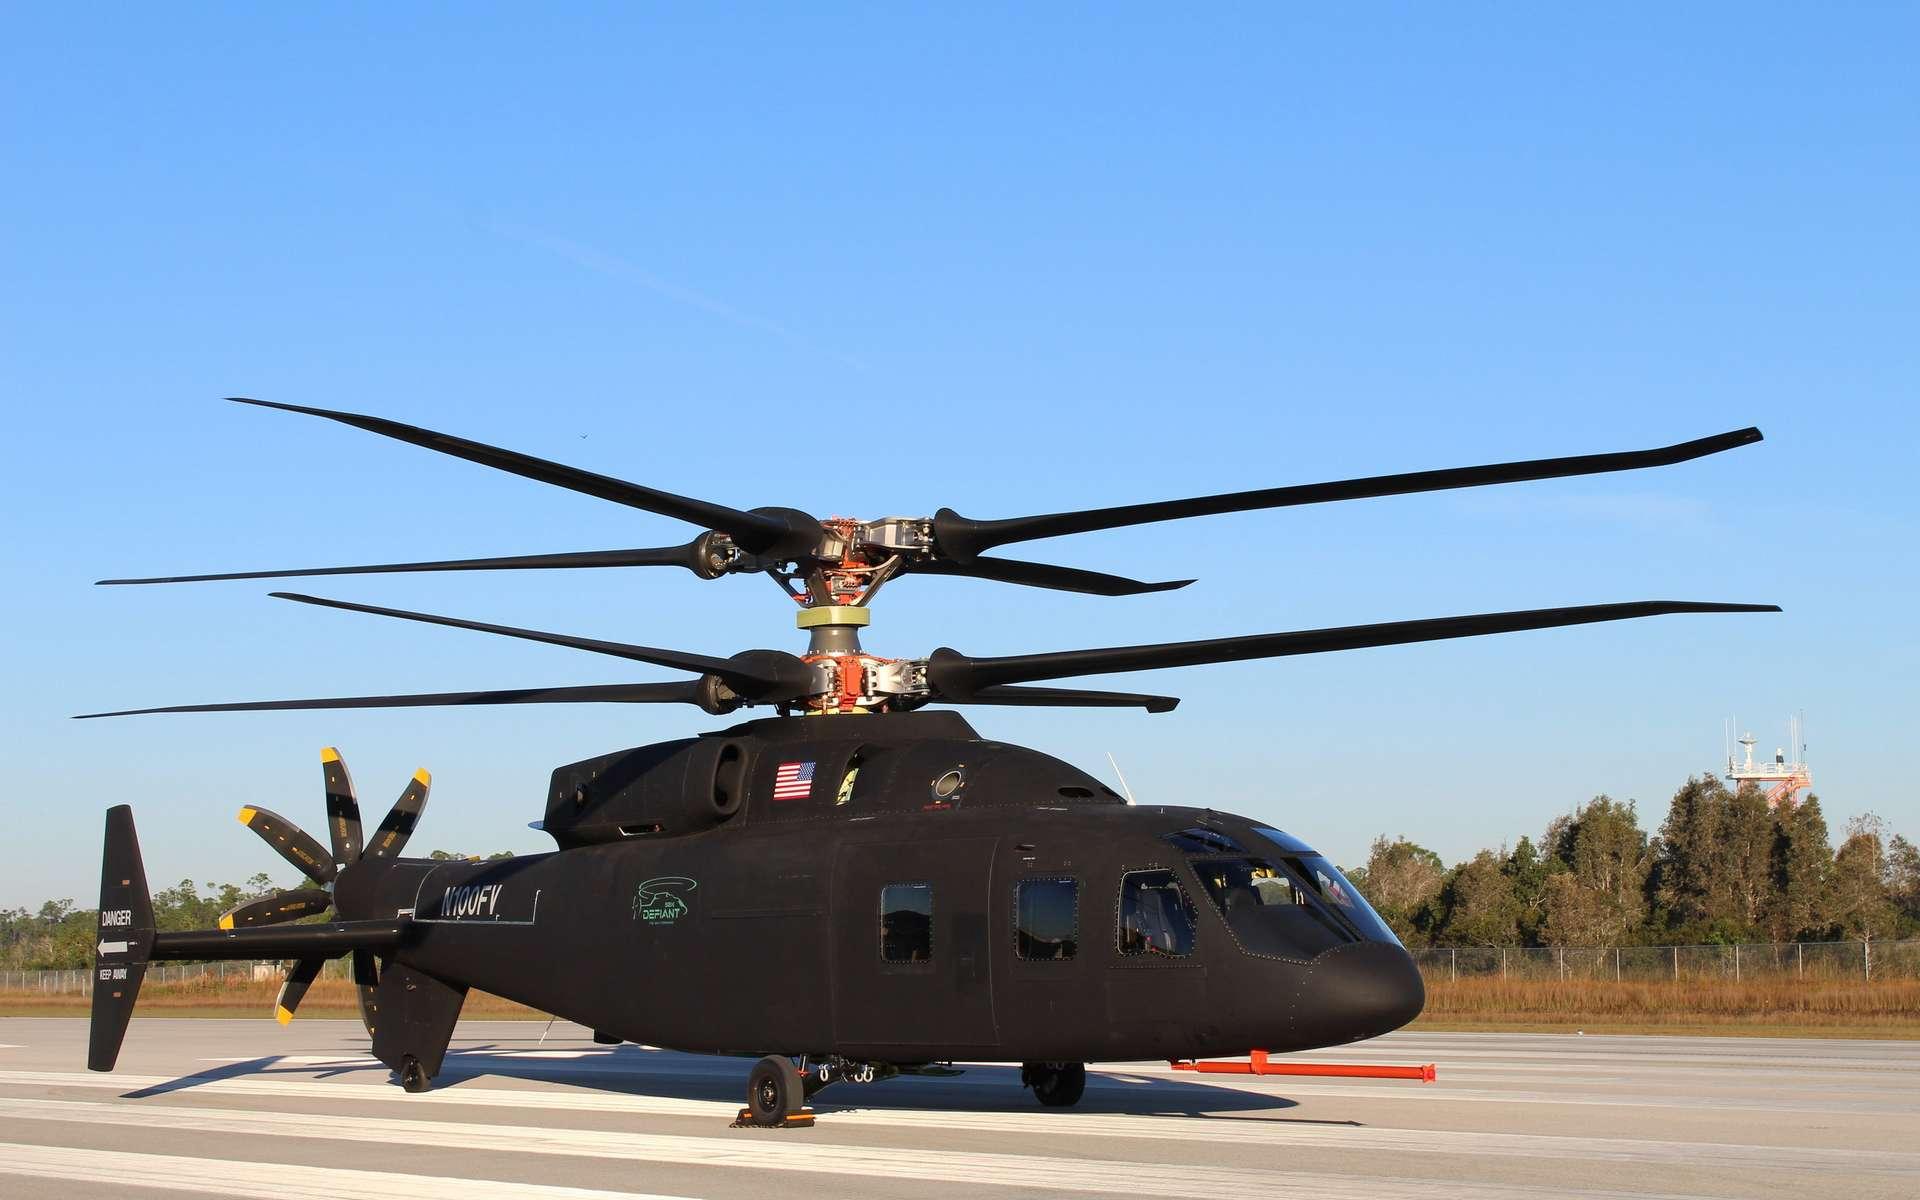 Le démonstrateur SB1 Defiant, un hélicoptère de nouvelle génération destiné à remplacer les Sikorsky UH-60 Black Hawk et les Bell UH-1 à l'horizon 2030. © Sikorsky (filiale de Lockheed Martin) et Boeing